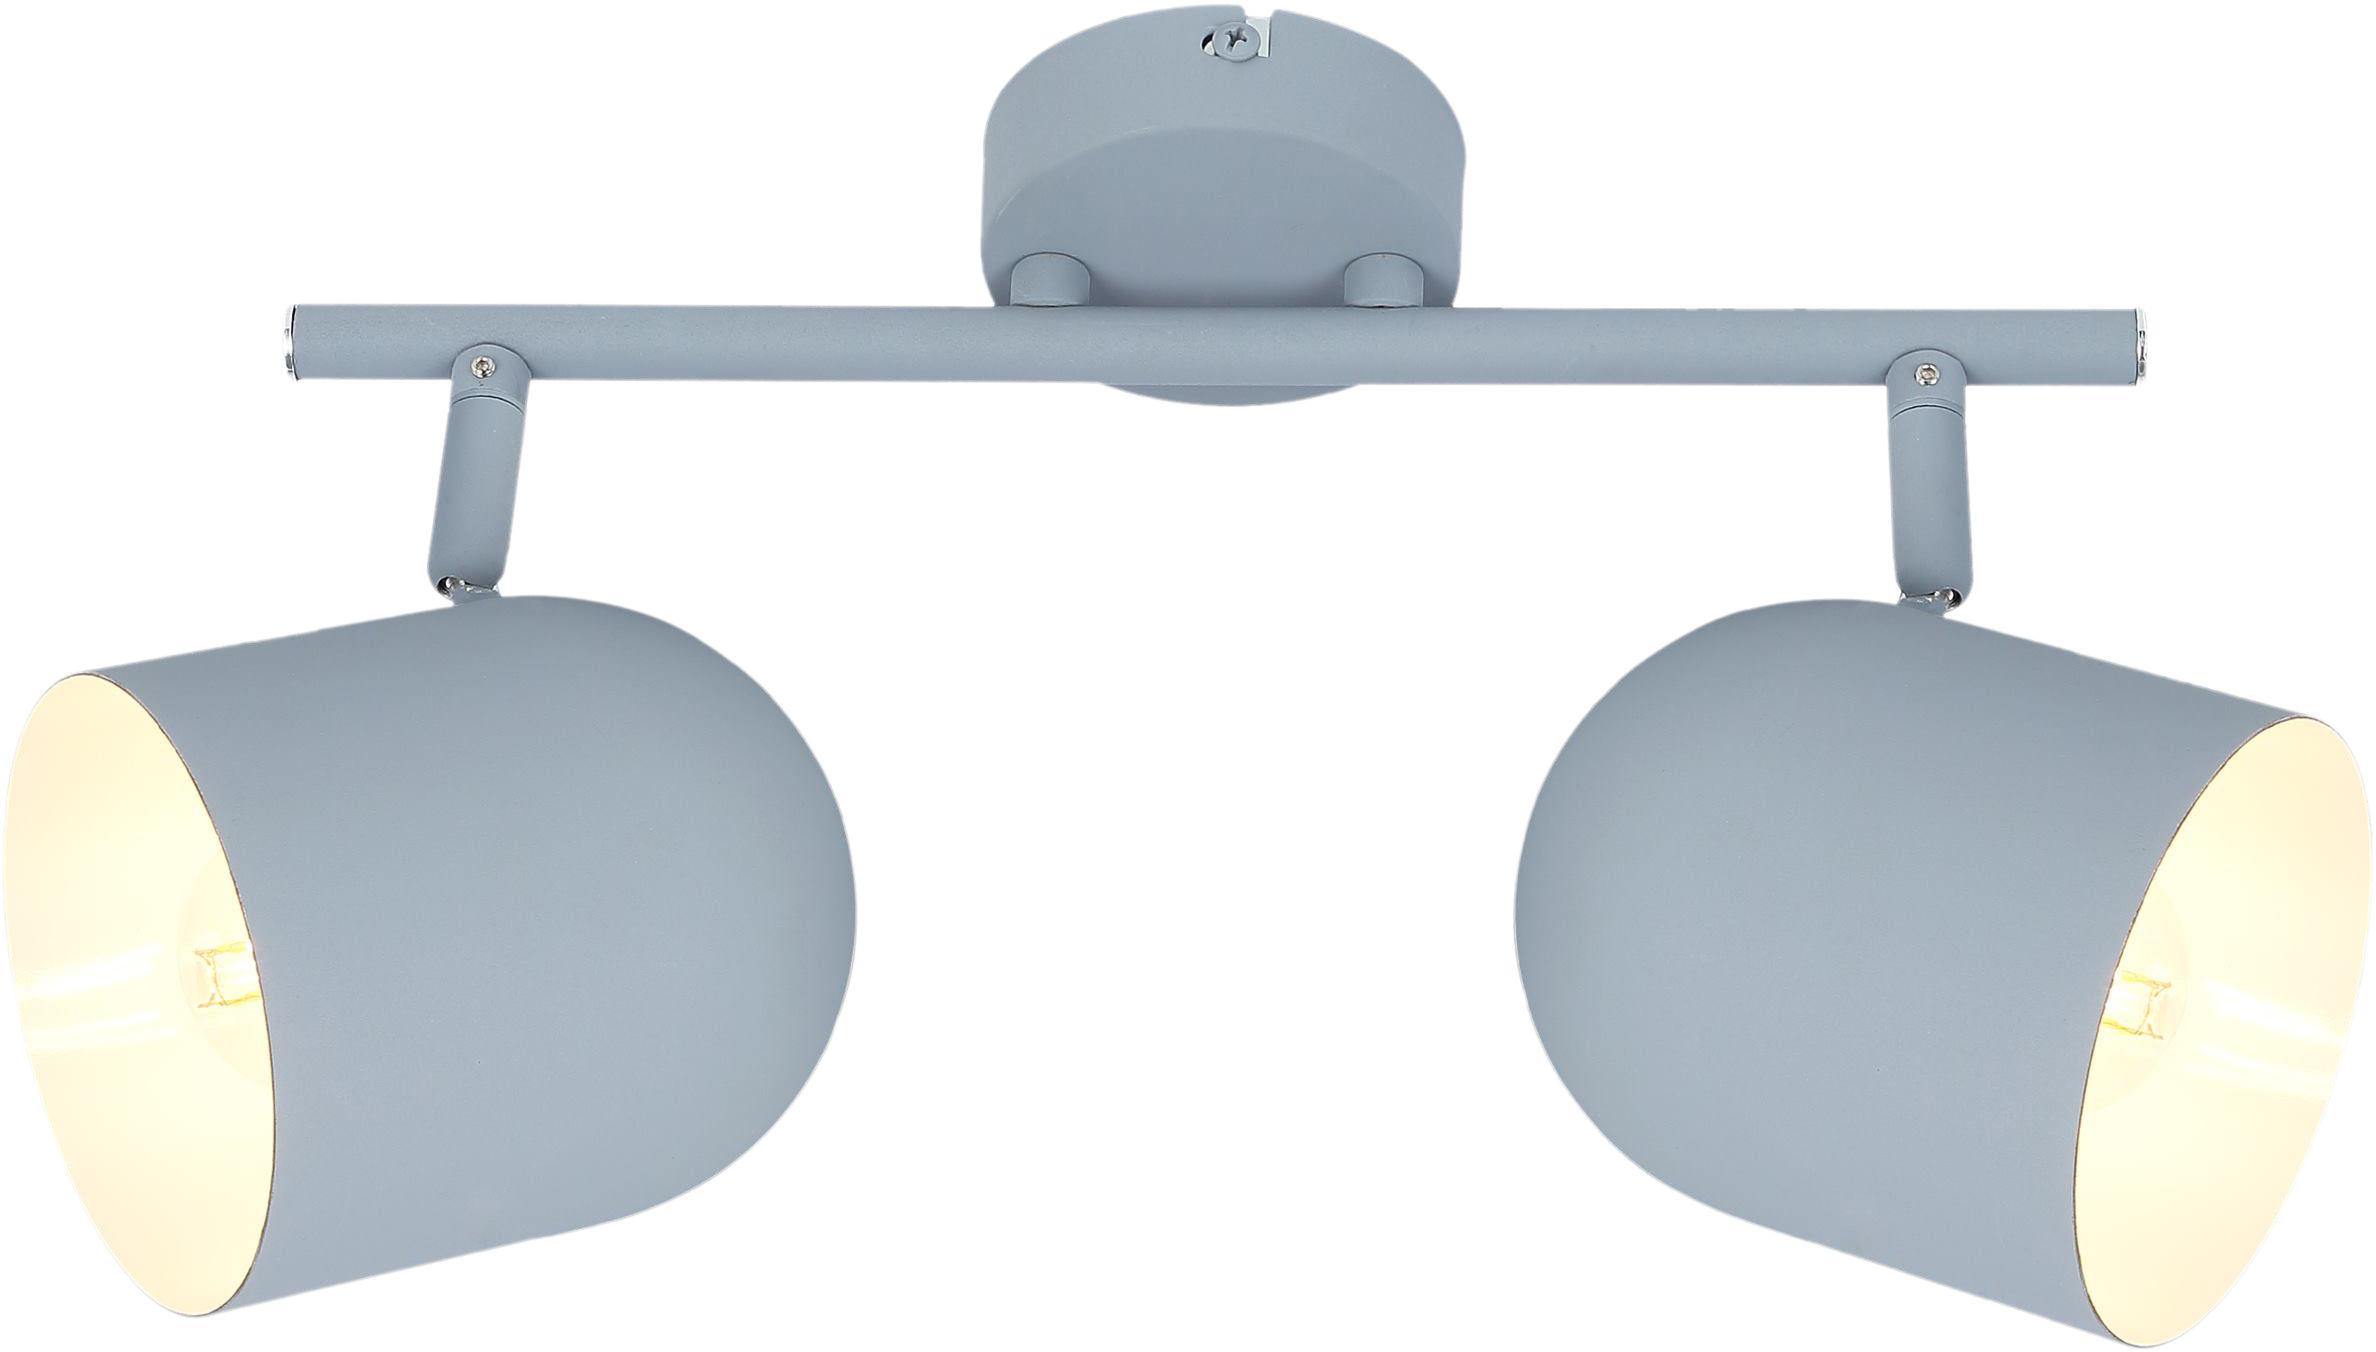 Candellux AZURO 92-63212 oprawa oświetleniowa spot szary mat metalowy klosz 2X40W E27 38cm